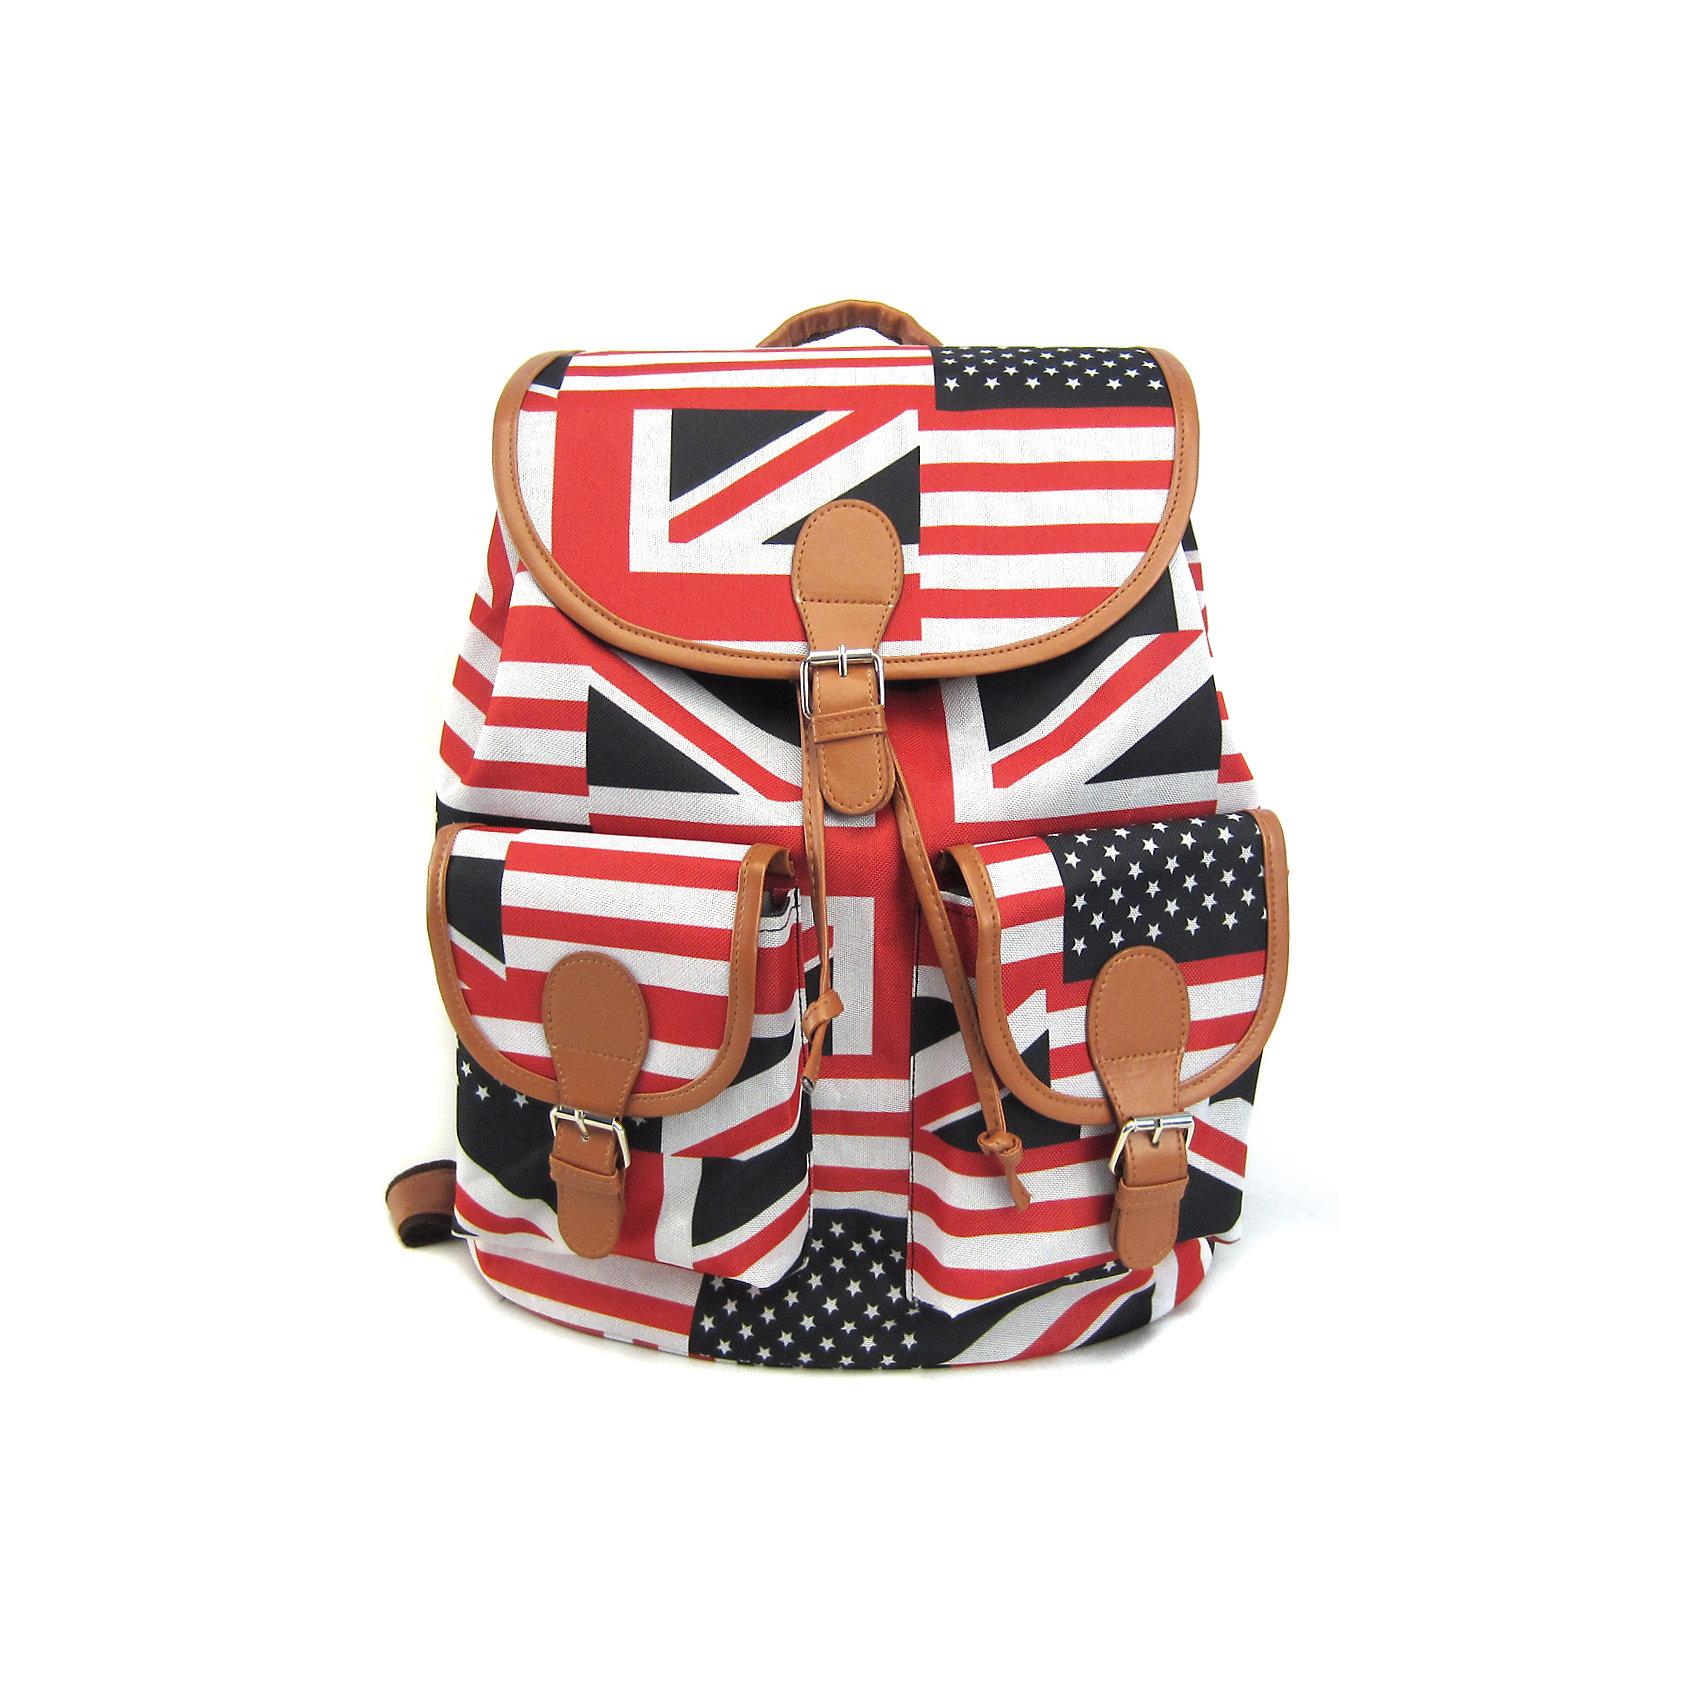 Рюкзак British Flag с 2-мя карманами, цвет мультиРюкзаки<br>Эта красно-бело-черная расцветка – на пике популярности уже не первый сезон! С таким стильным и удобным рюкзаком его владелица точно не останется незамеченной, даже в суете большого города! Этот аксессуар органично впишется в современный подростковый стиль, а благодаря функциональности и удобству – станет любимым и незаменимым!<br><br>Ширина мм: 39<br>Глубина мм: 35<br>Высота мм: 17<br>Вес г: 500<br>Возраст от месяцев: 120<br>Возраст до месяцев: 420<br>Пол: Унисекс<br>Возраст: Детский<br>SKU: 5344316